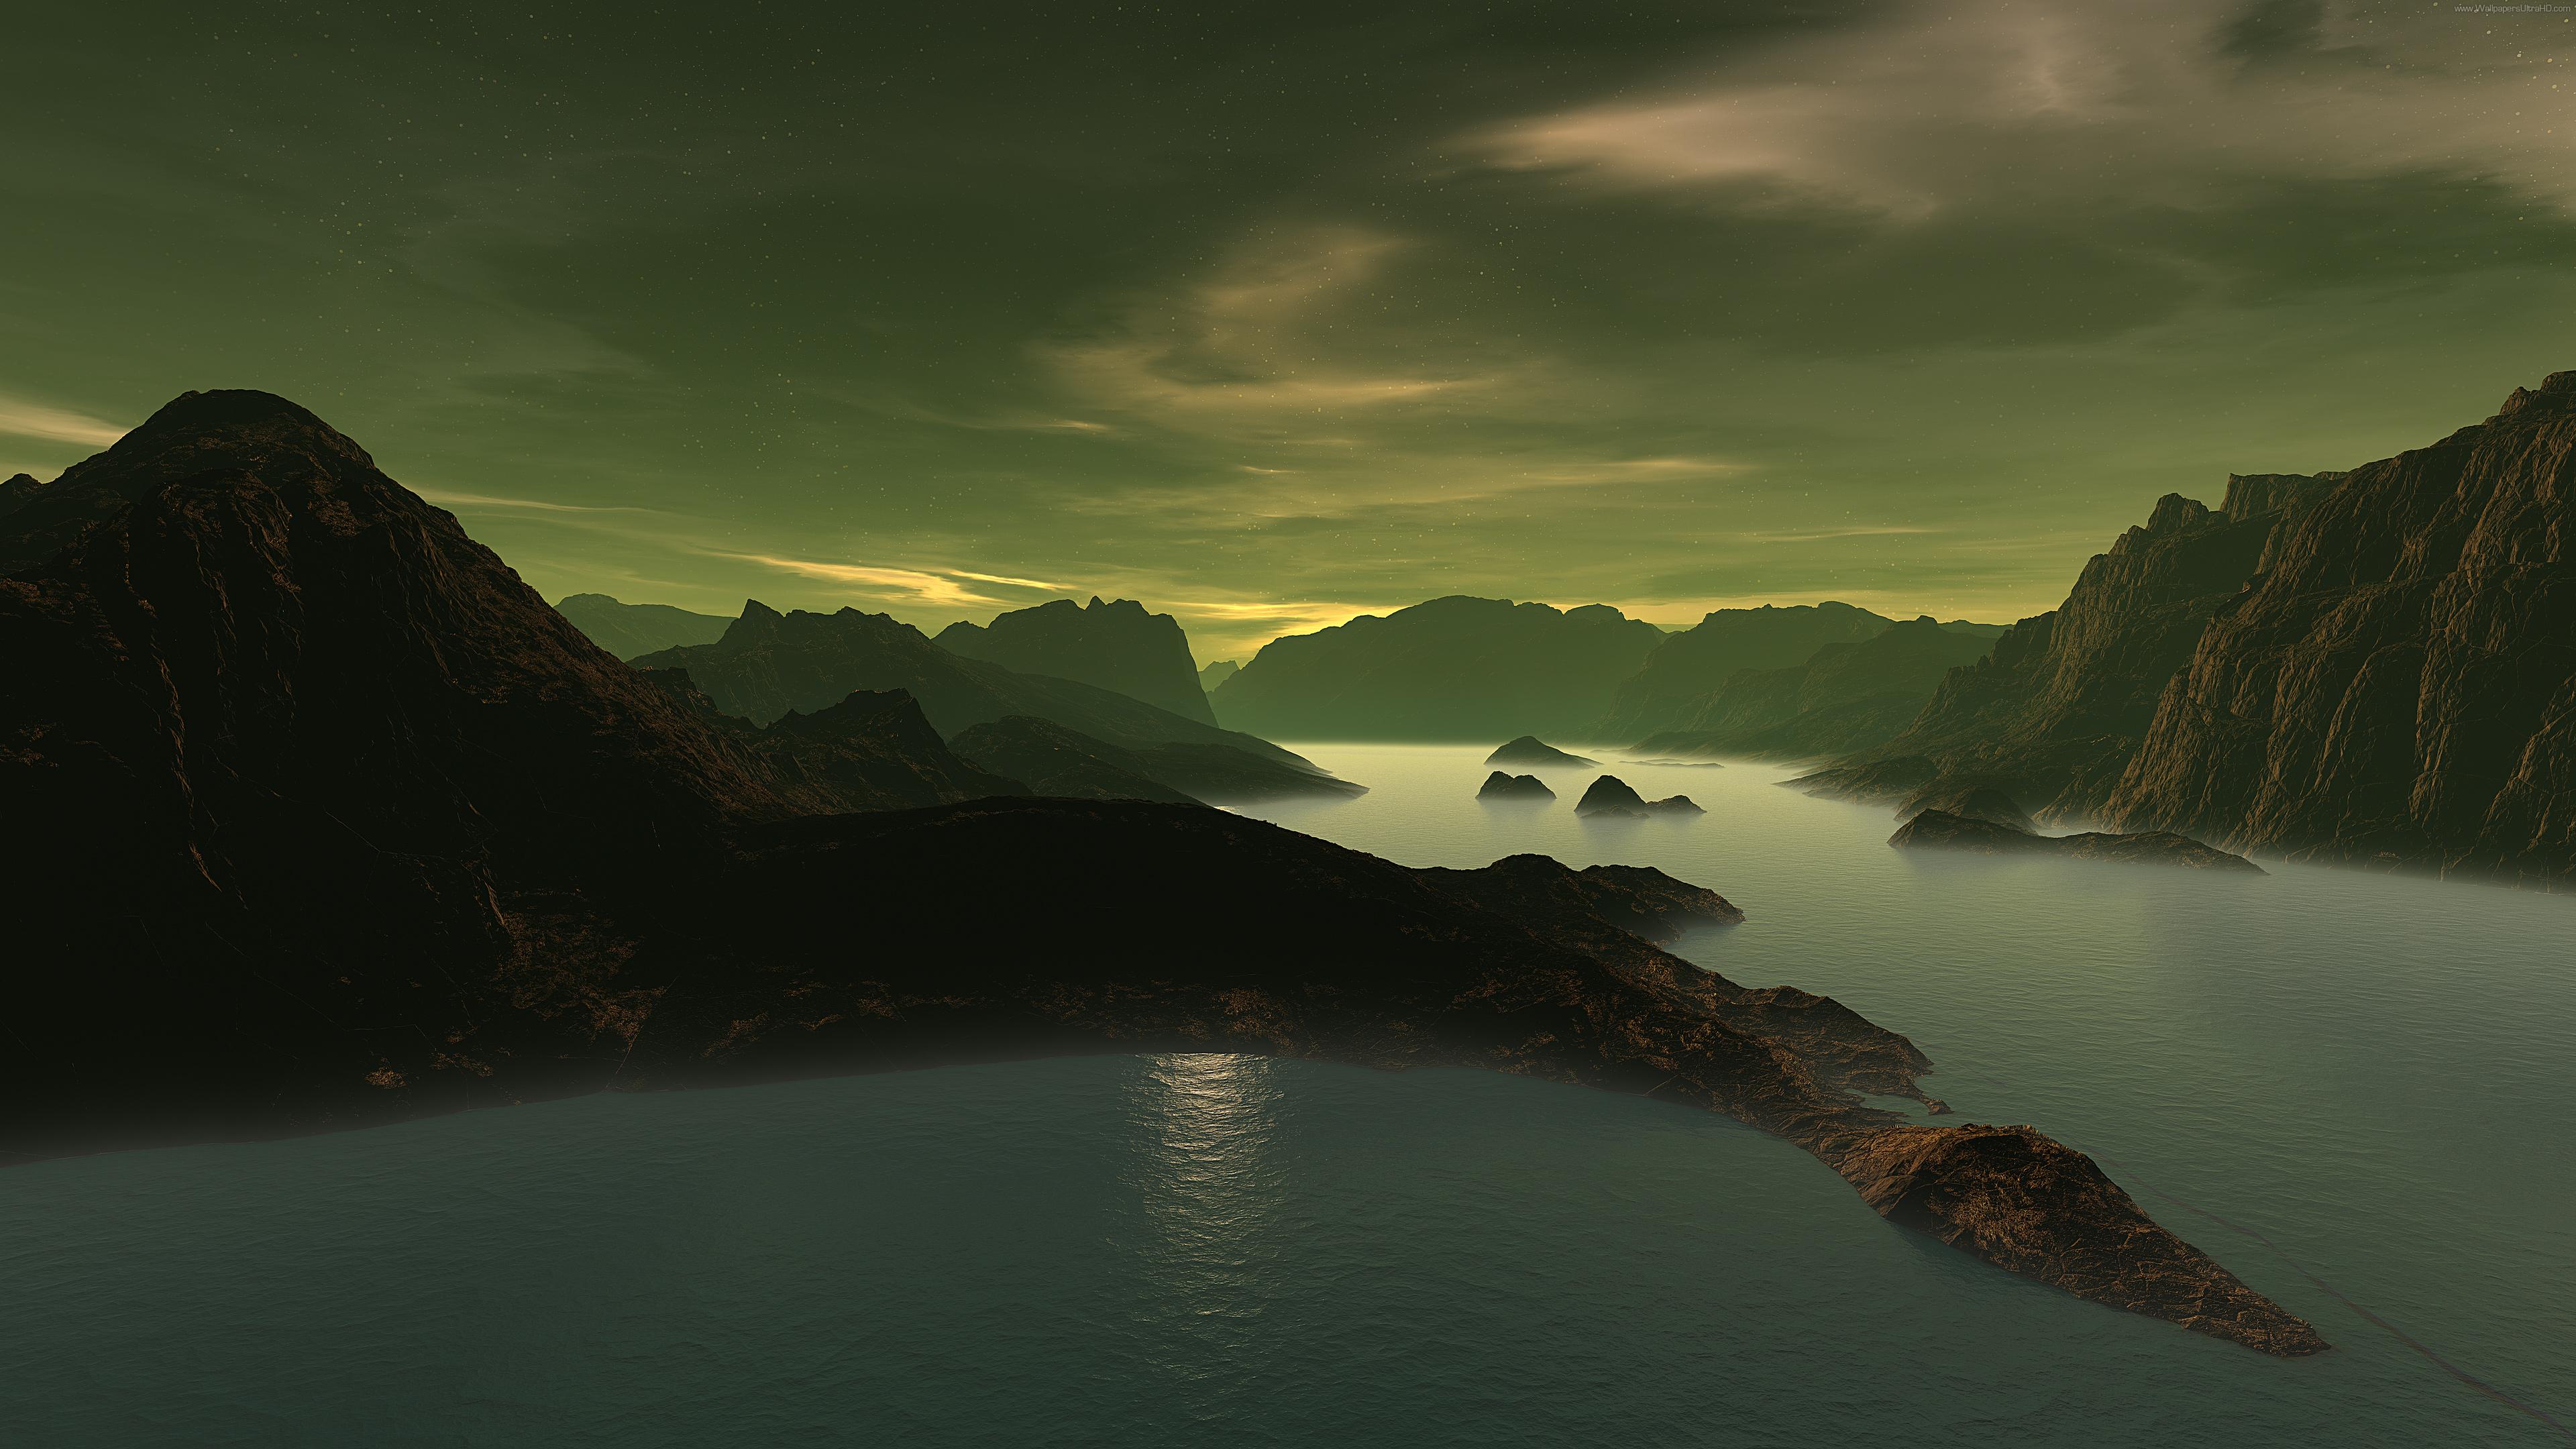 风景 山水 桌面 3840